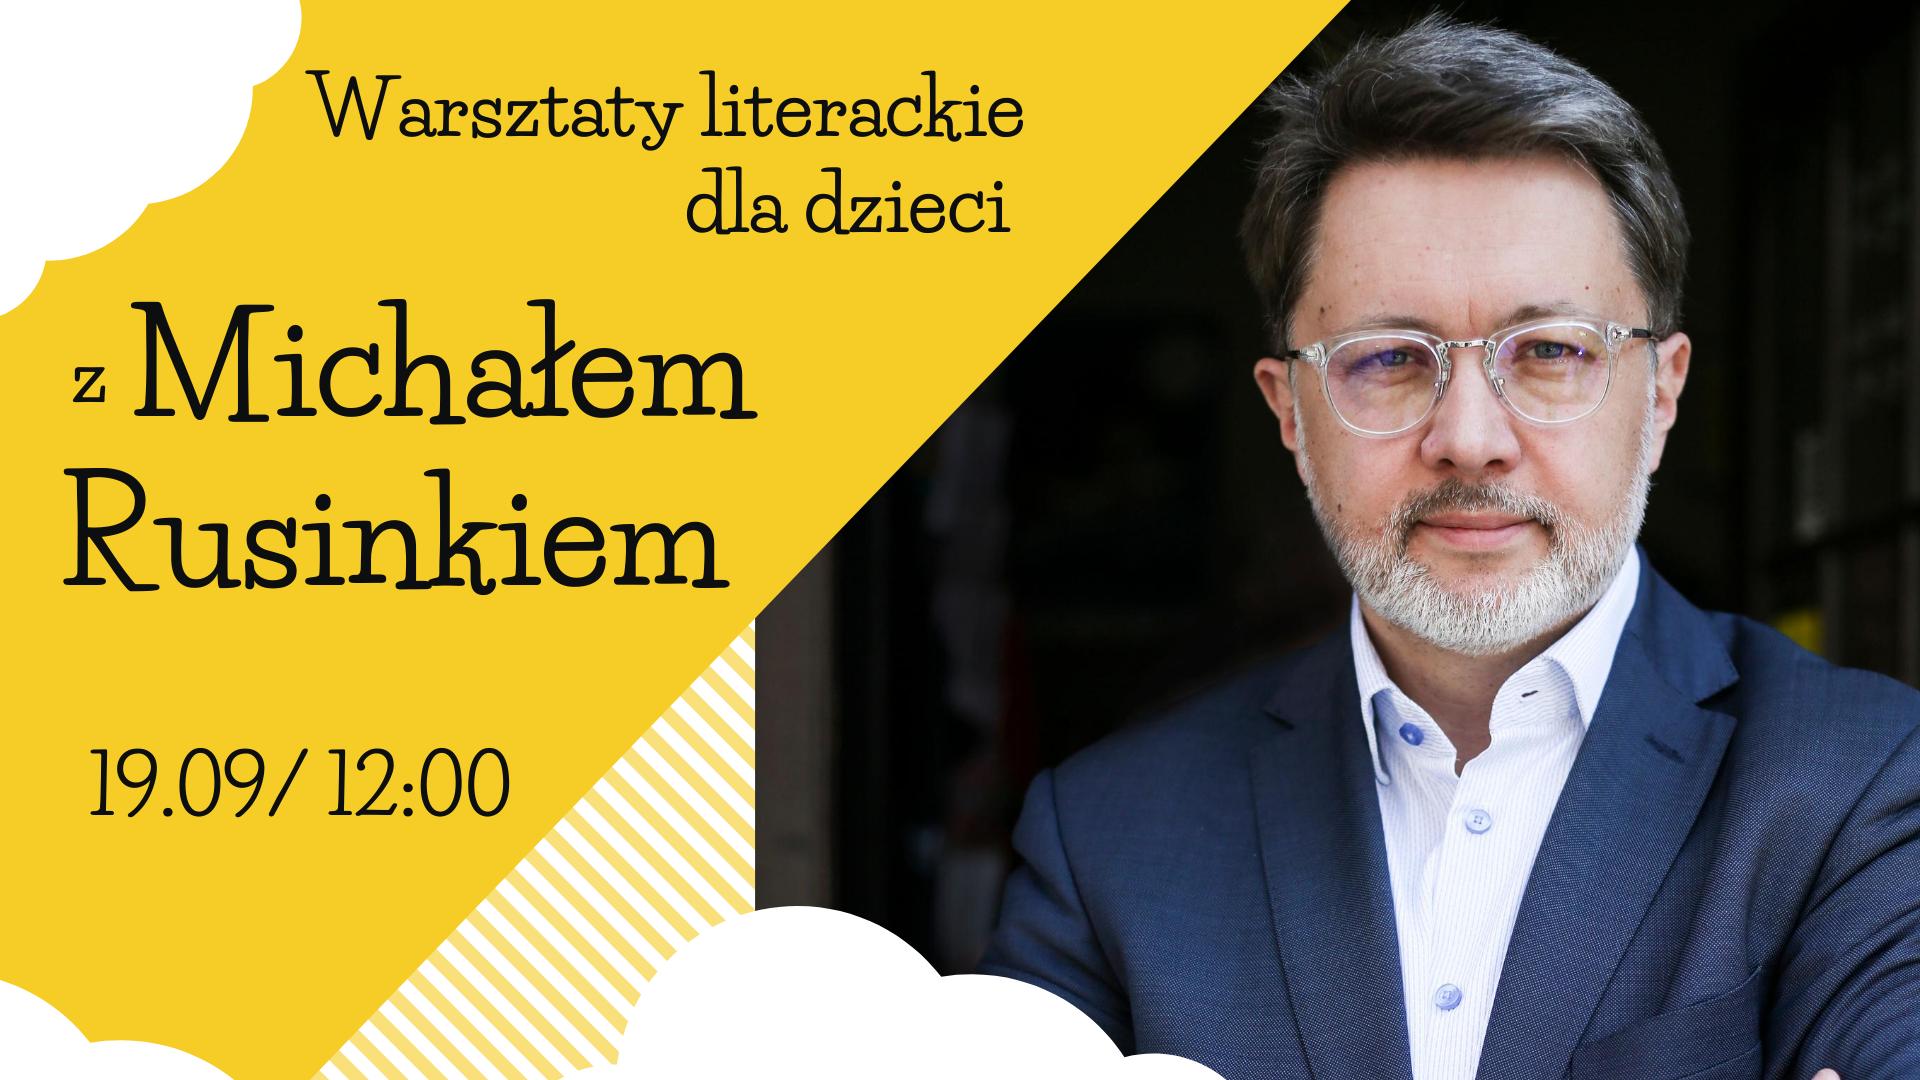 Warsztaty literackie z Michałem Rusinkiem_wydarzenie FB